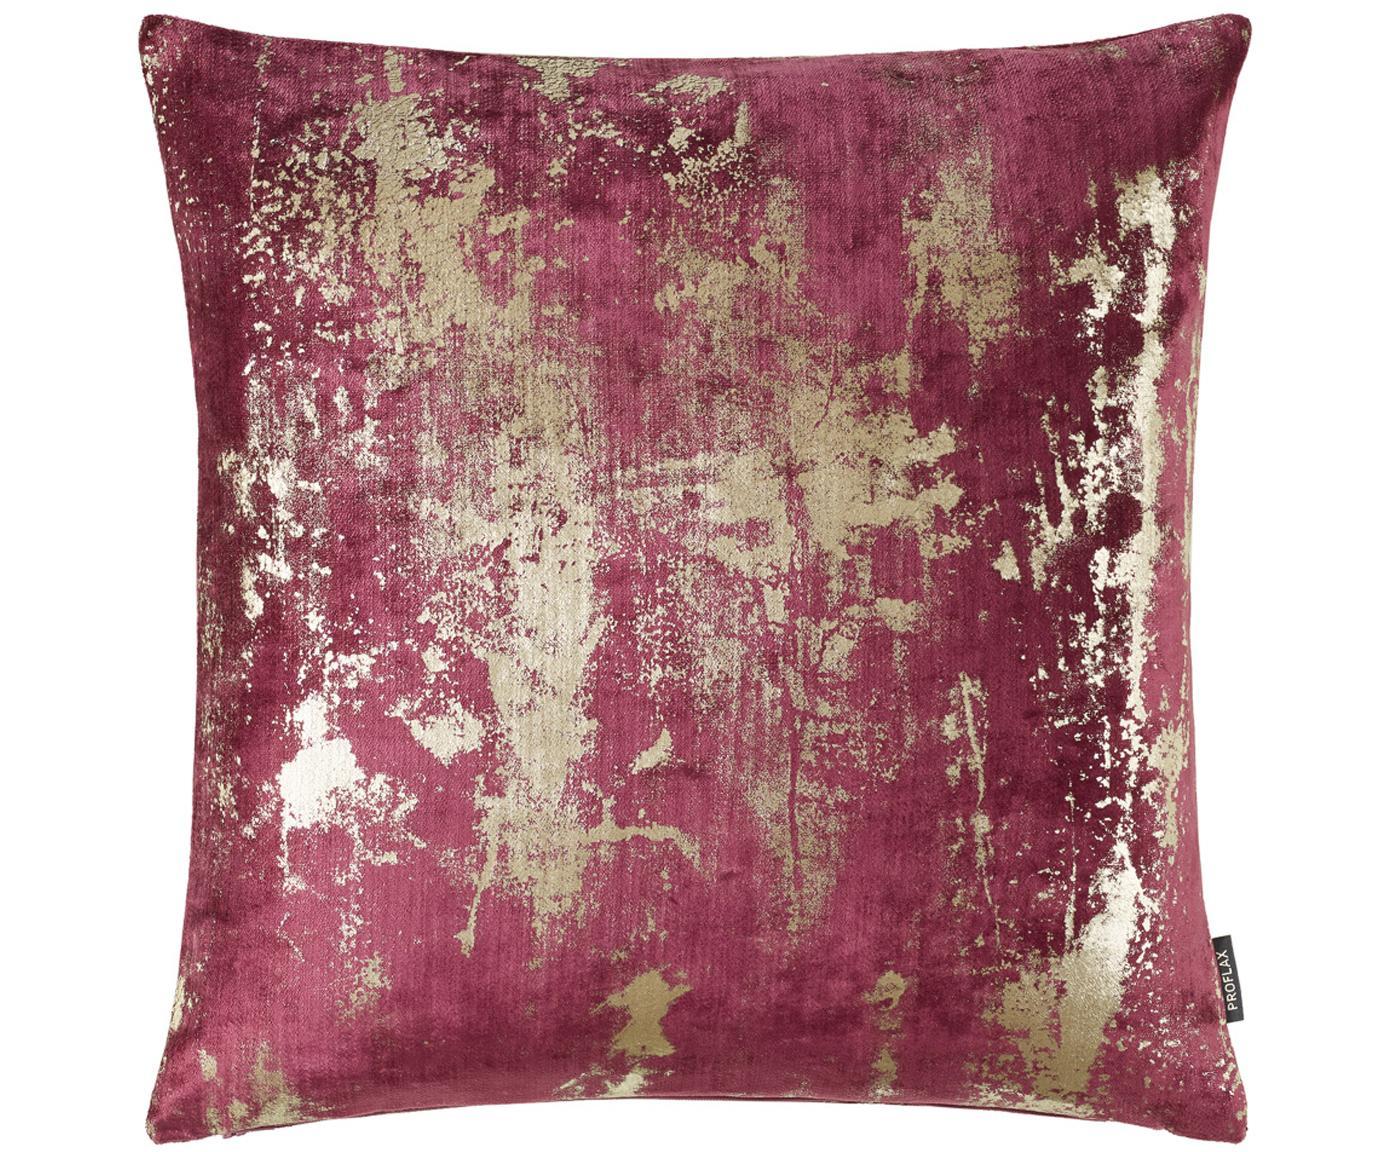 Poszewka na poduszkę z aksamitu Shiny, Aksamit poliestrowy, Wiśniowy, S 40 x D 40 cm